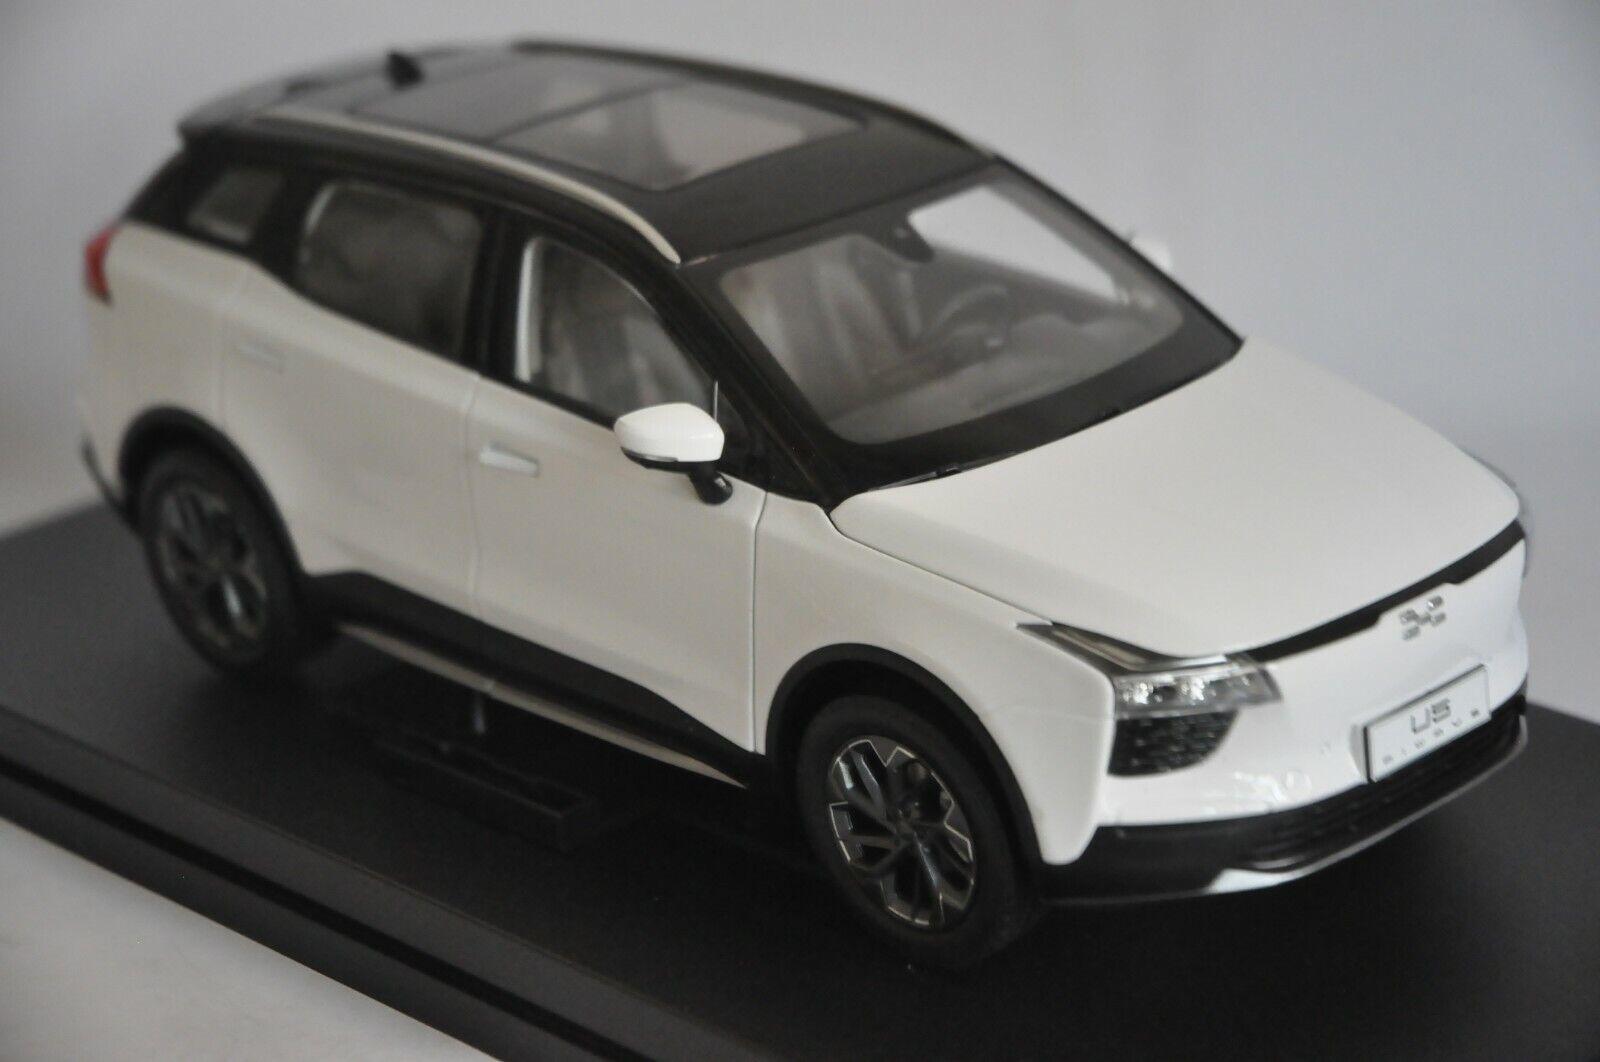 Convinti U5 auto modellololo IN SCALA 1 18 Bianco